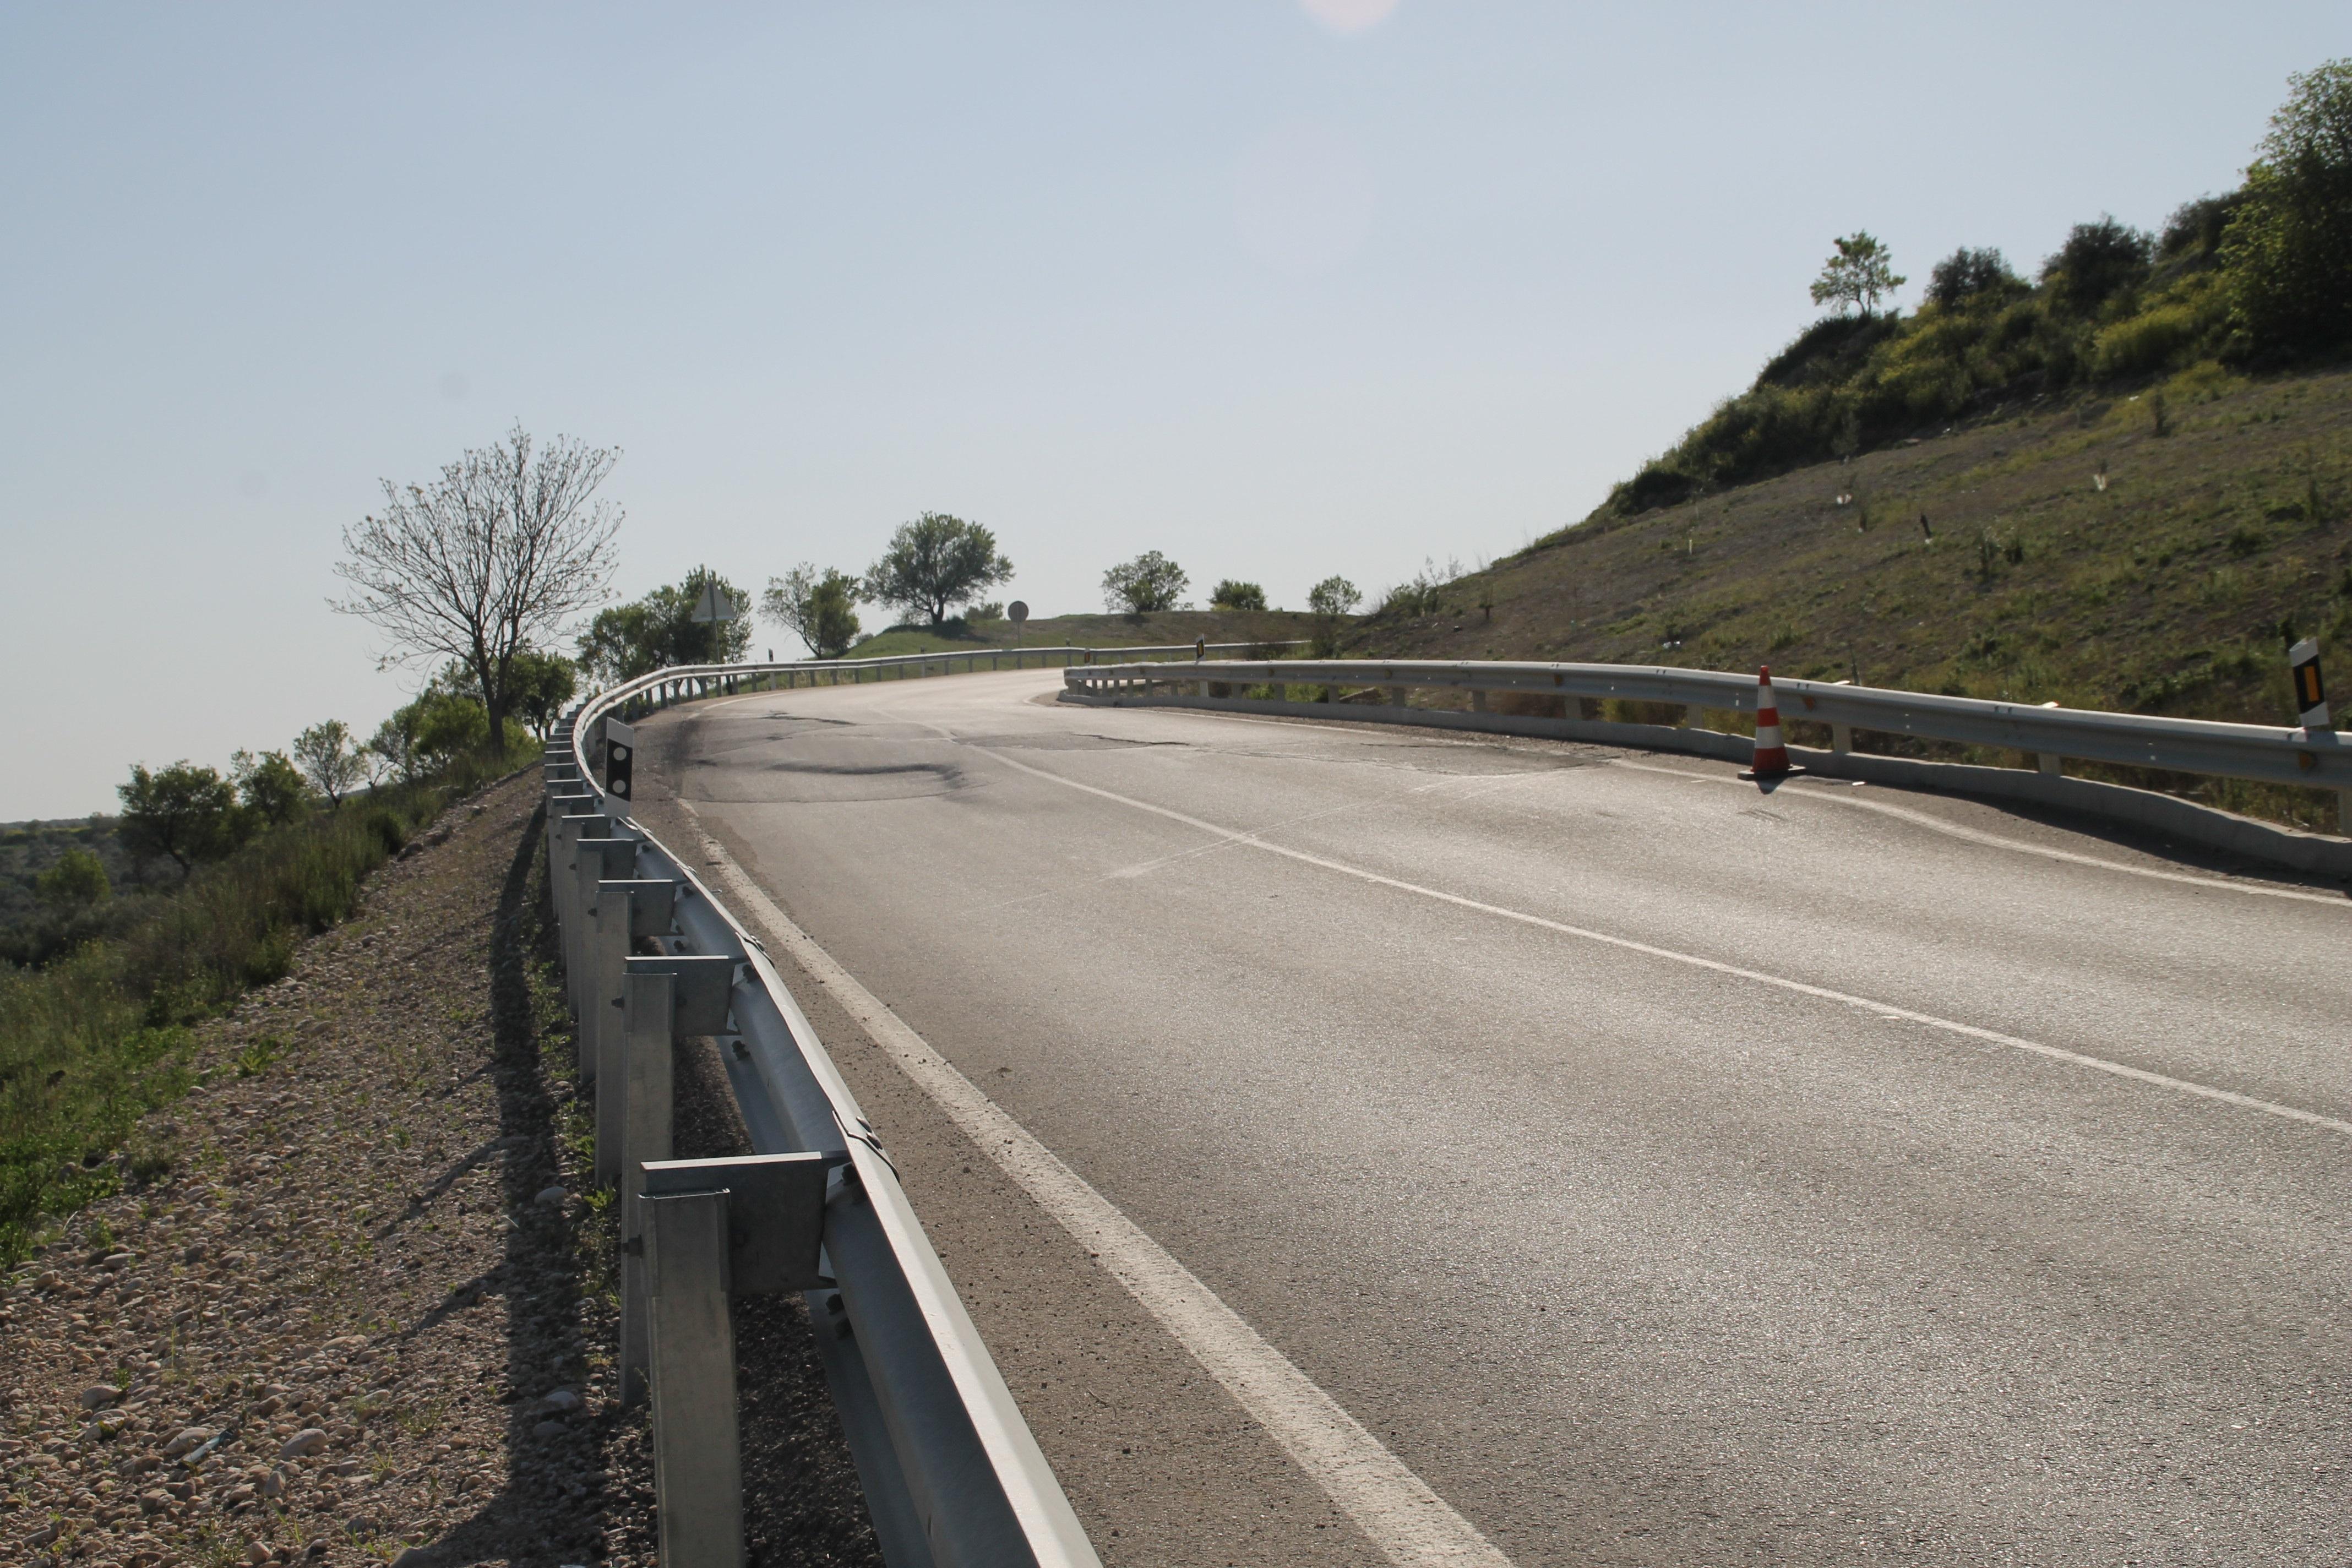 Avisan de que los logros conseguidos en seguridad vial pueden «verse truncados» si se descuidan las infraestructuras